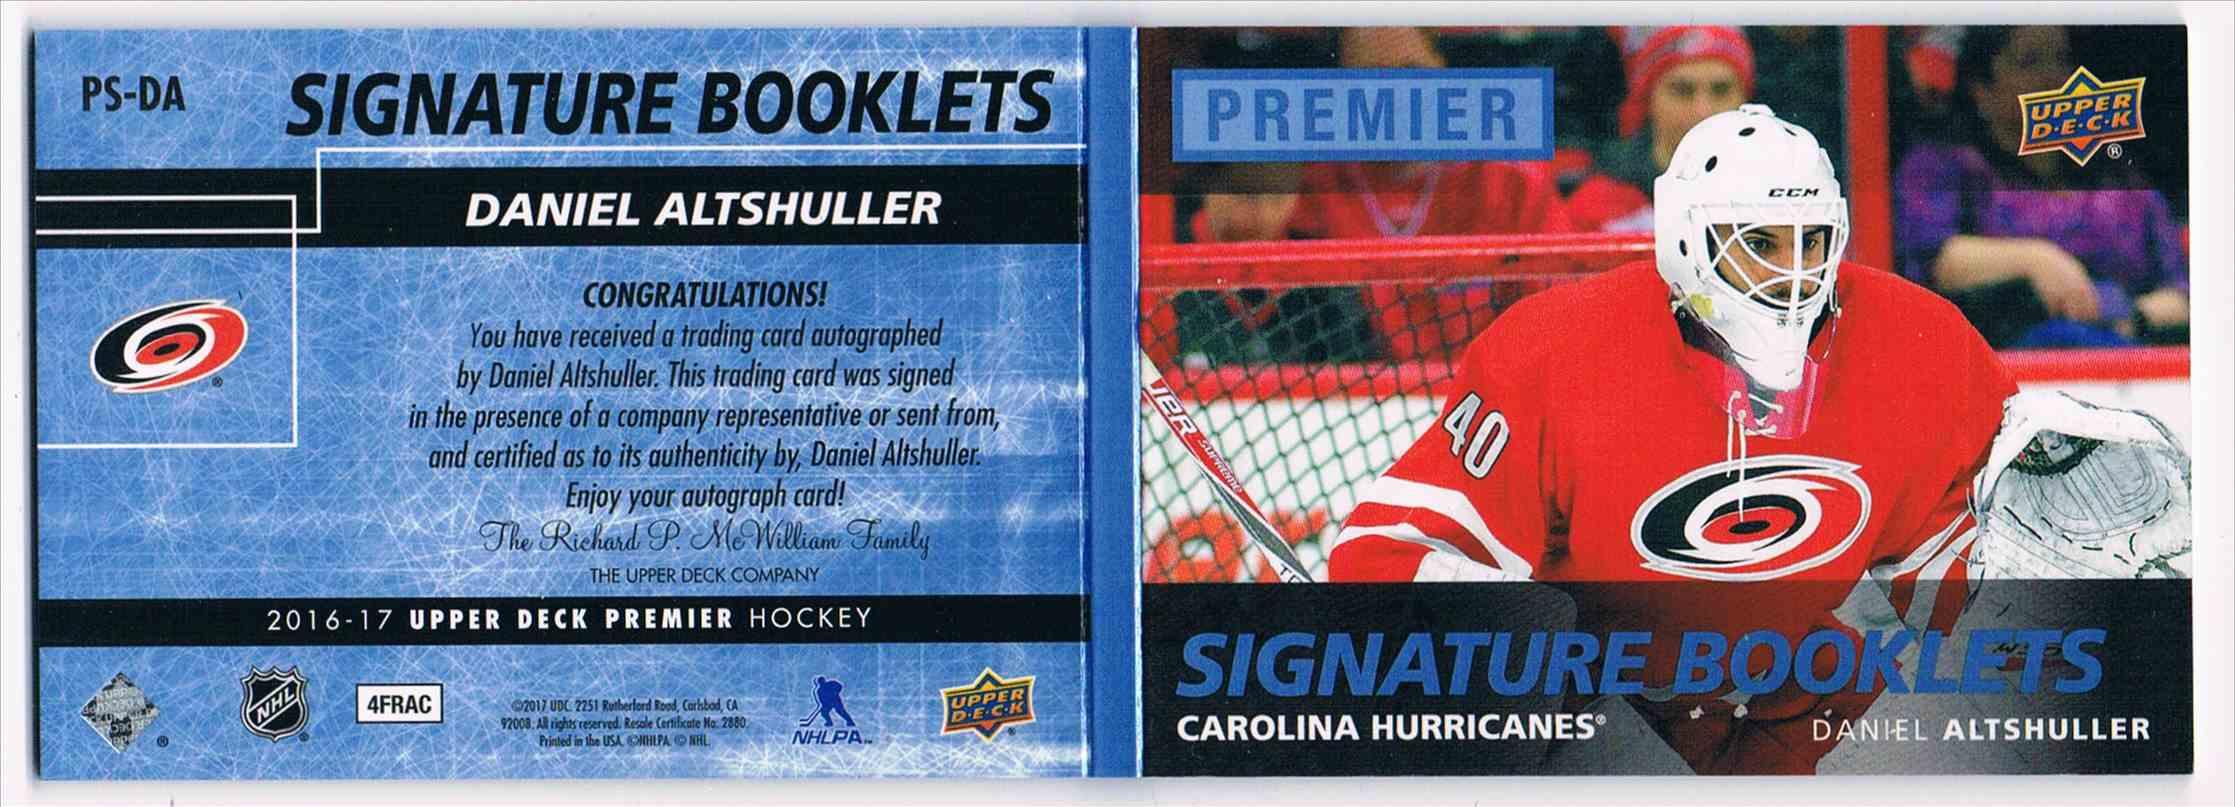 2016-17 Upper Deck Premier Signature Booklets Daniel Altshuller #PS-DA card back image